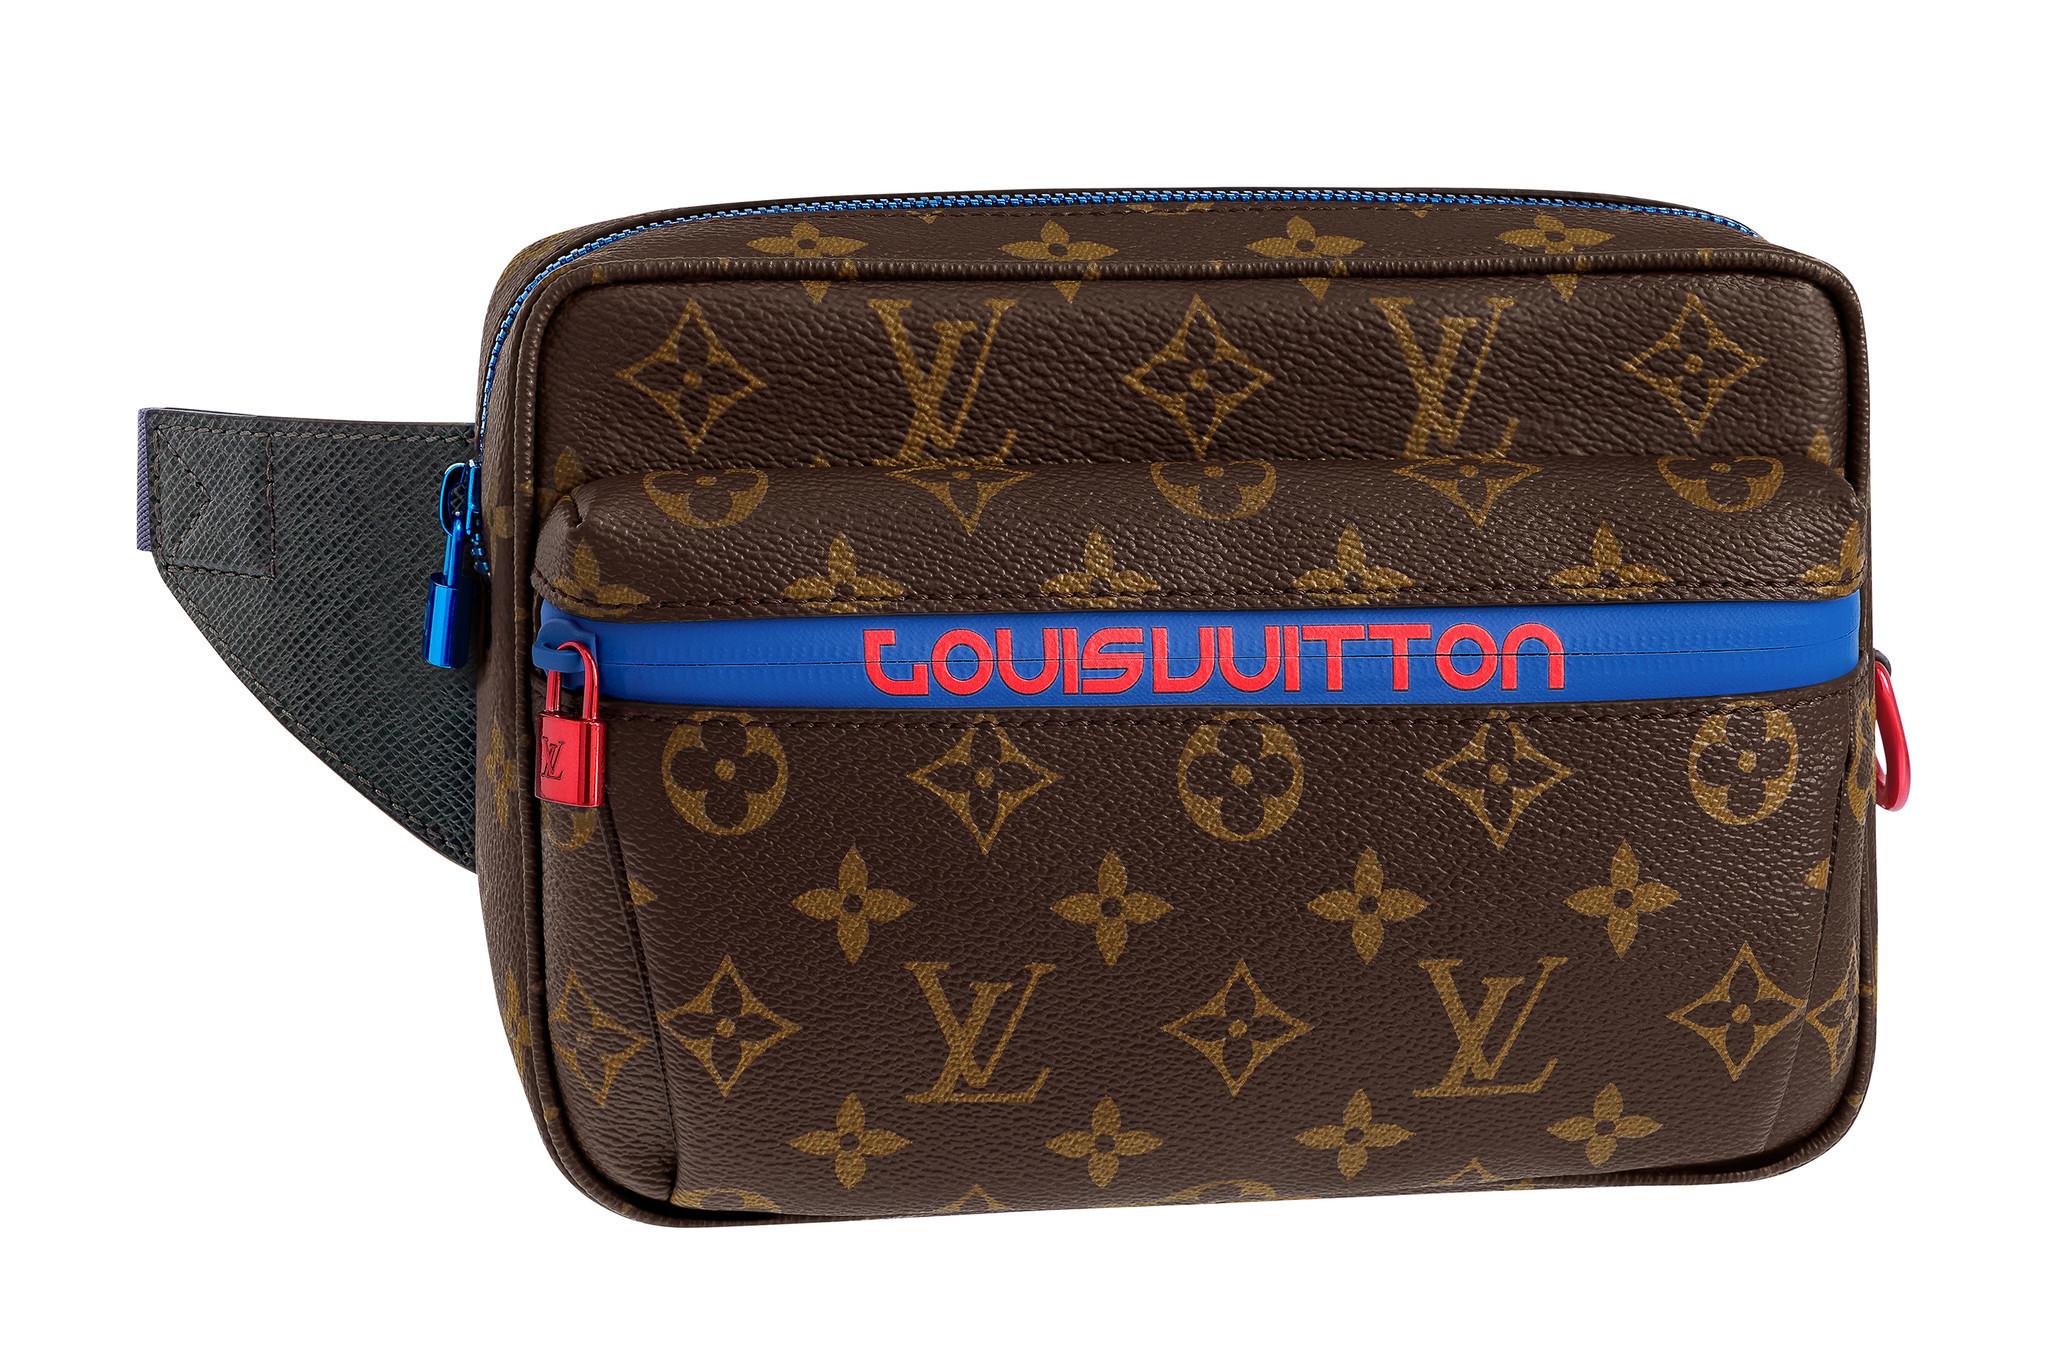 Louis Vuitton's Bumbag.